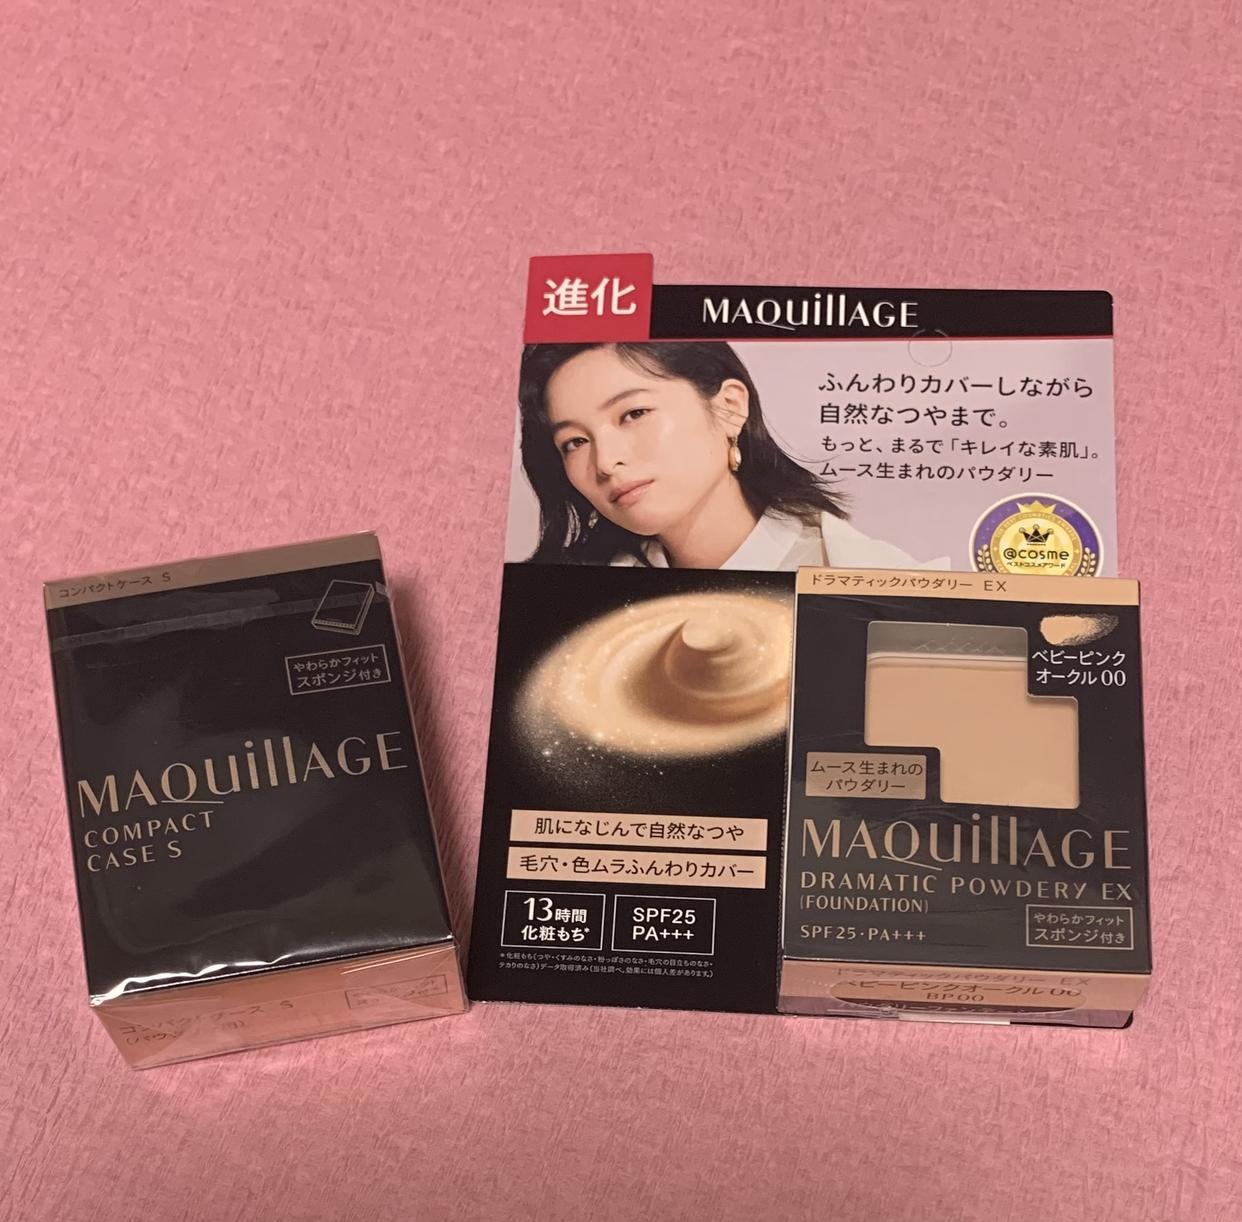 MAQuillAGE(マキアージュ) ドラマティックパウダリー EXを使ったminaさんのクチコミ画像